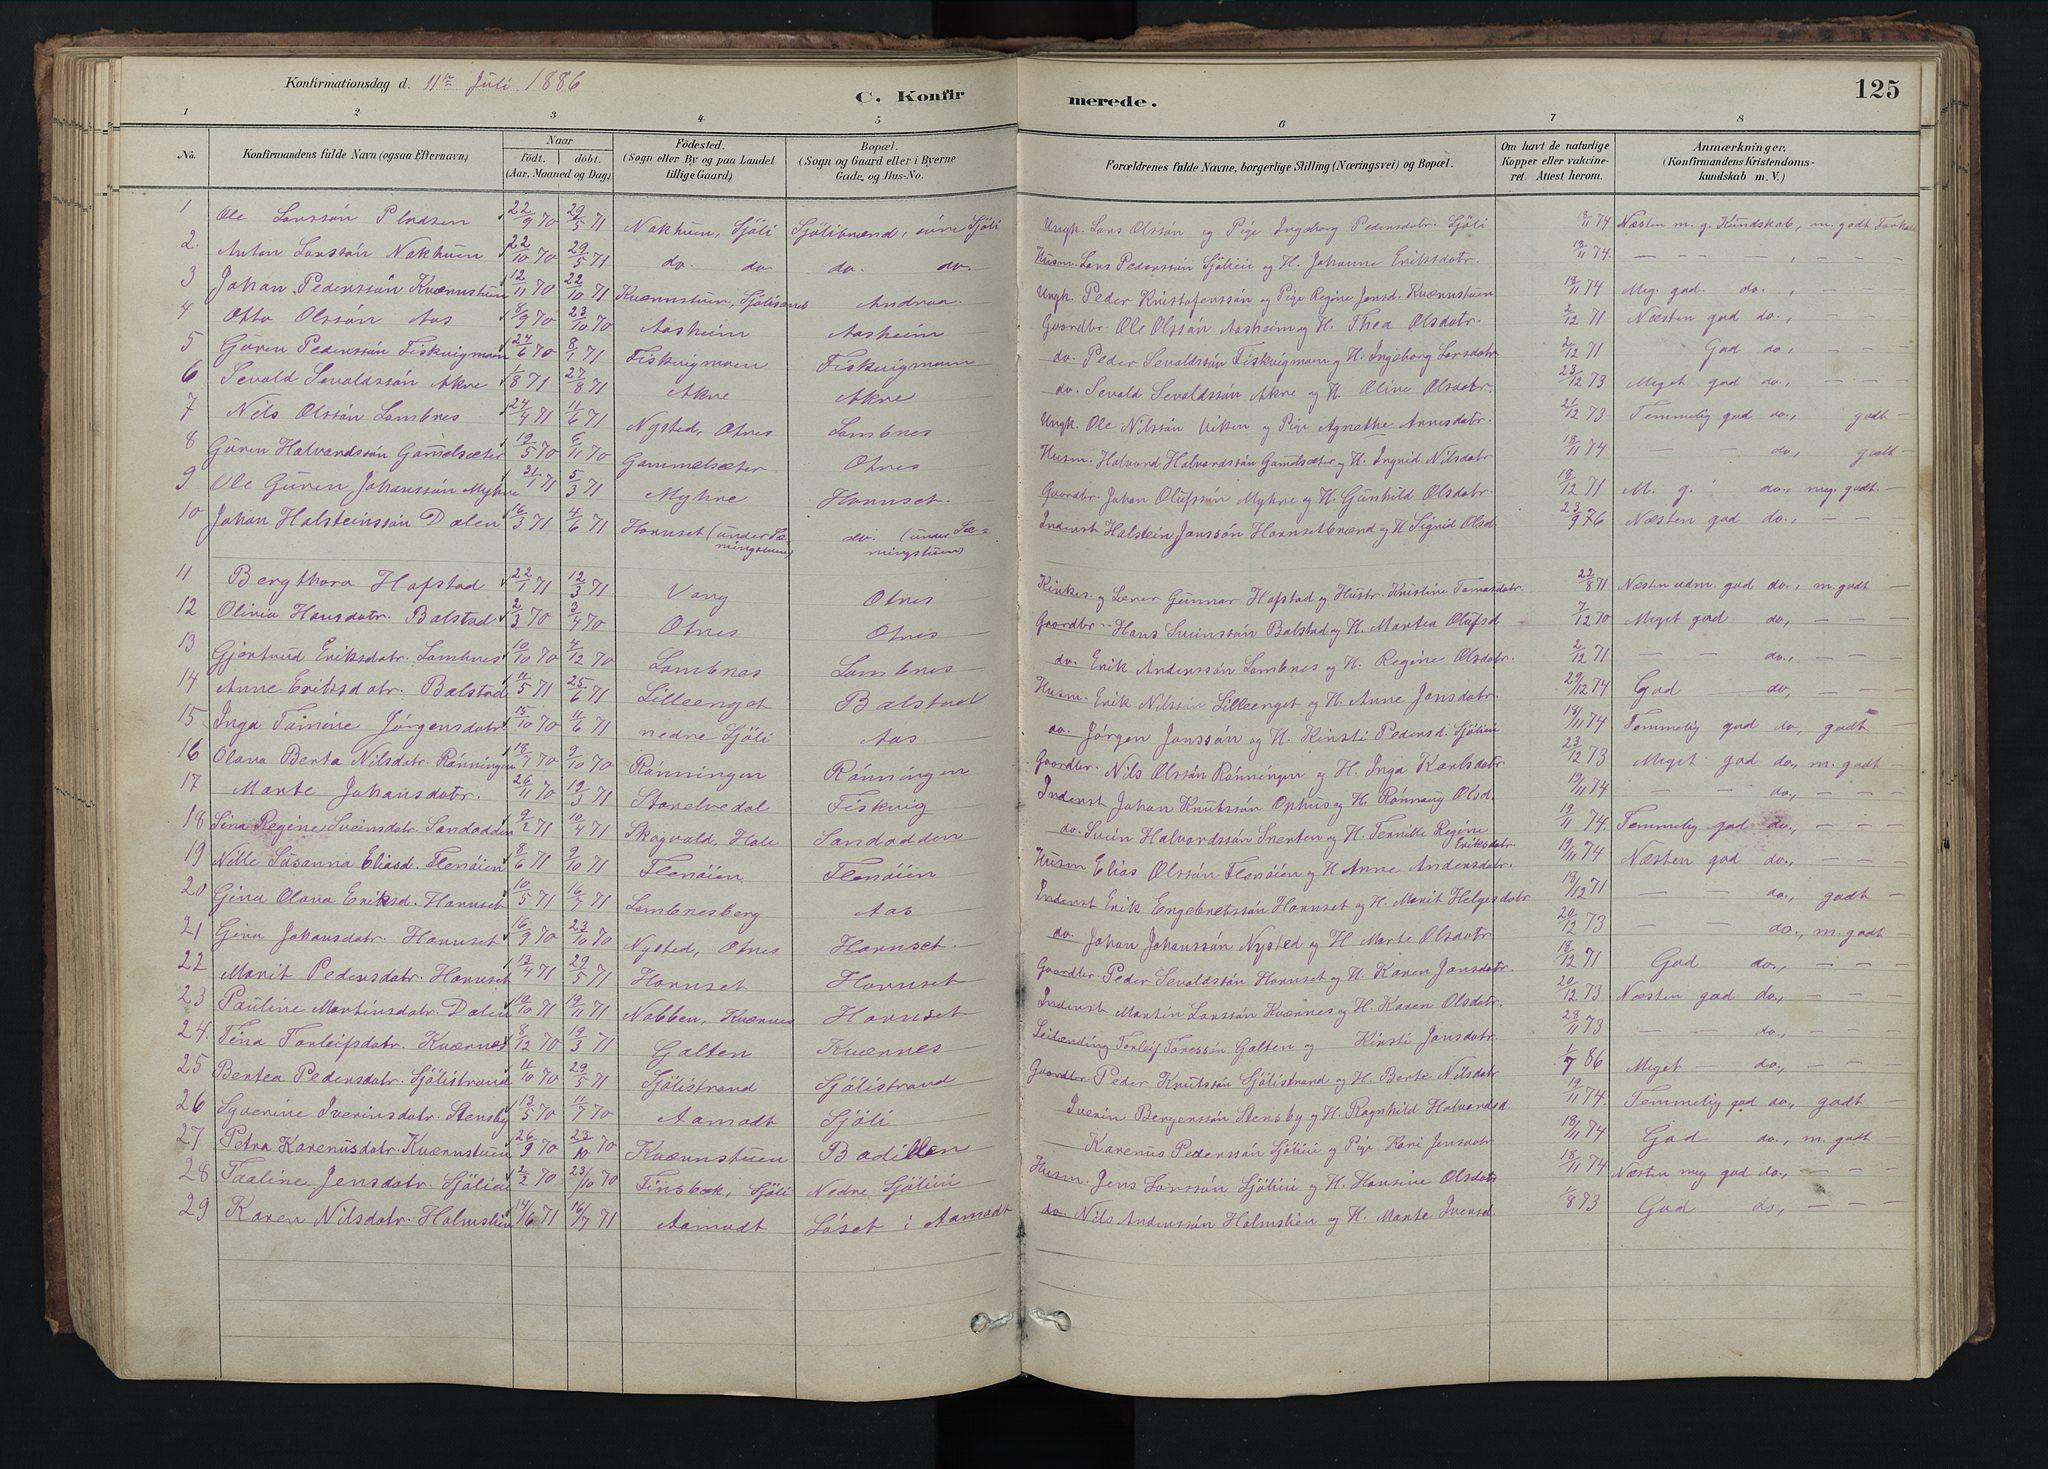 SAH, Rendalen prestekontor, H/Ha/Hab/L0009: Klokkerbok nr. 9, 1879-1902, s. 125